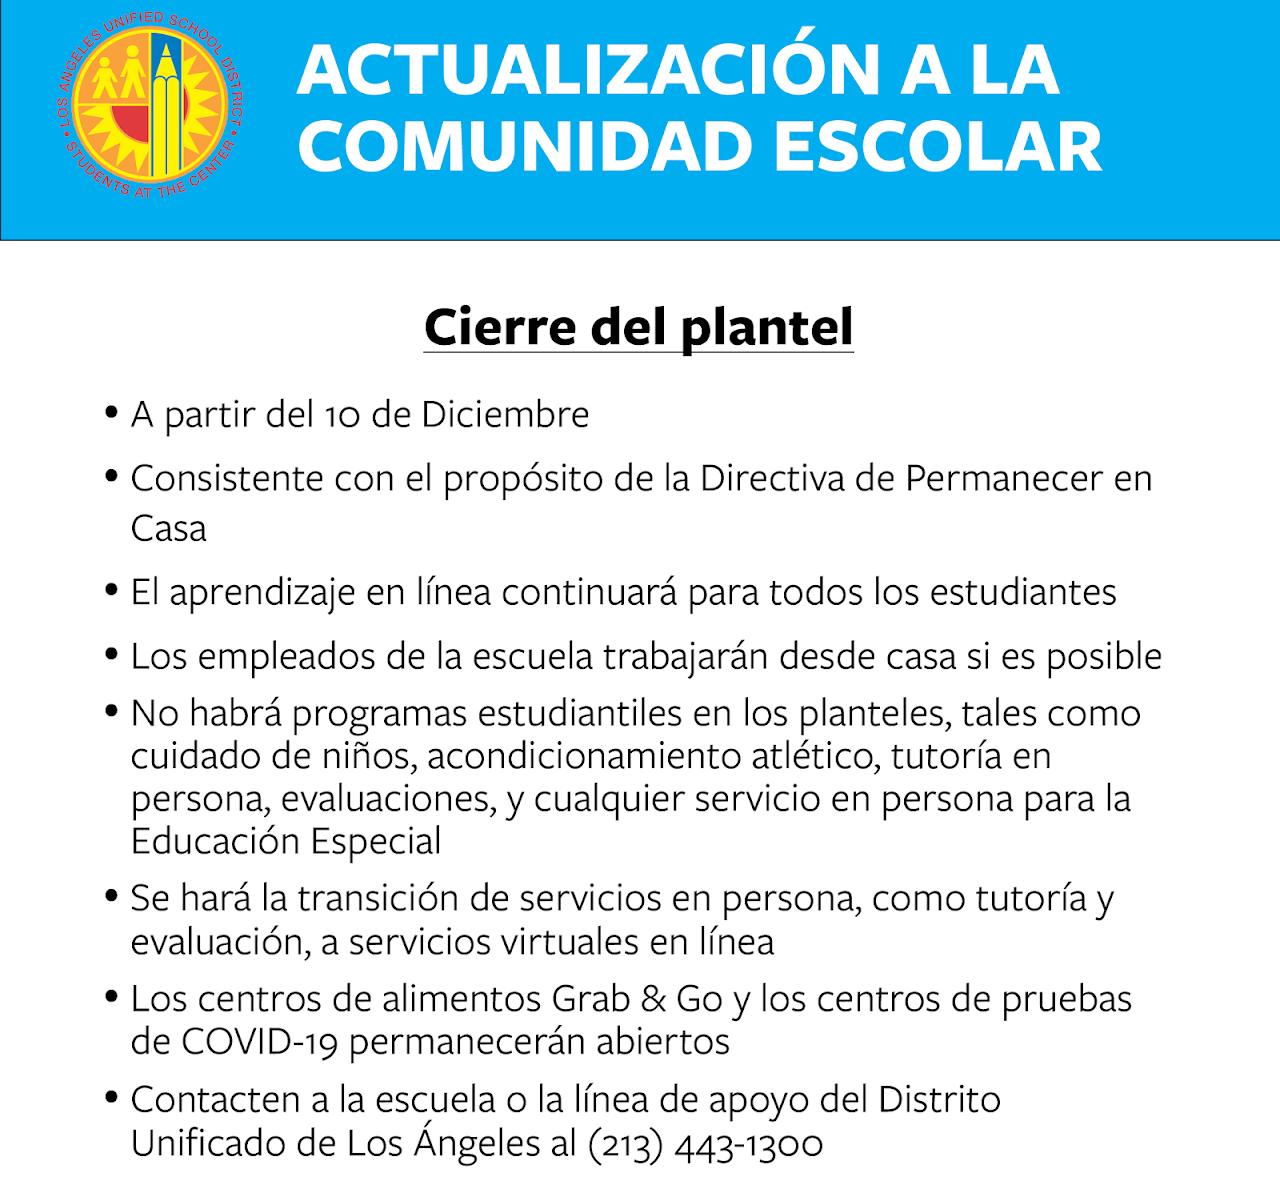 School Closure Announcement Spanish (graphic)